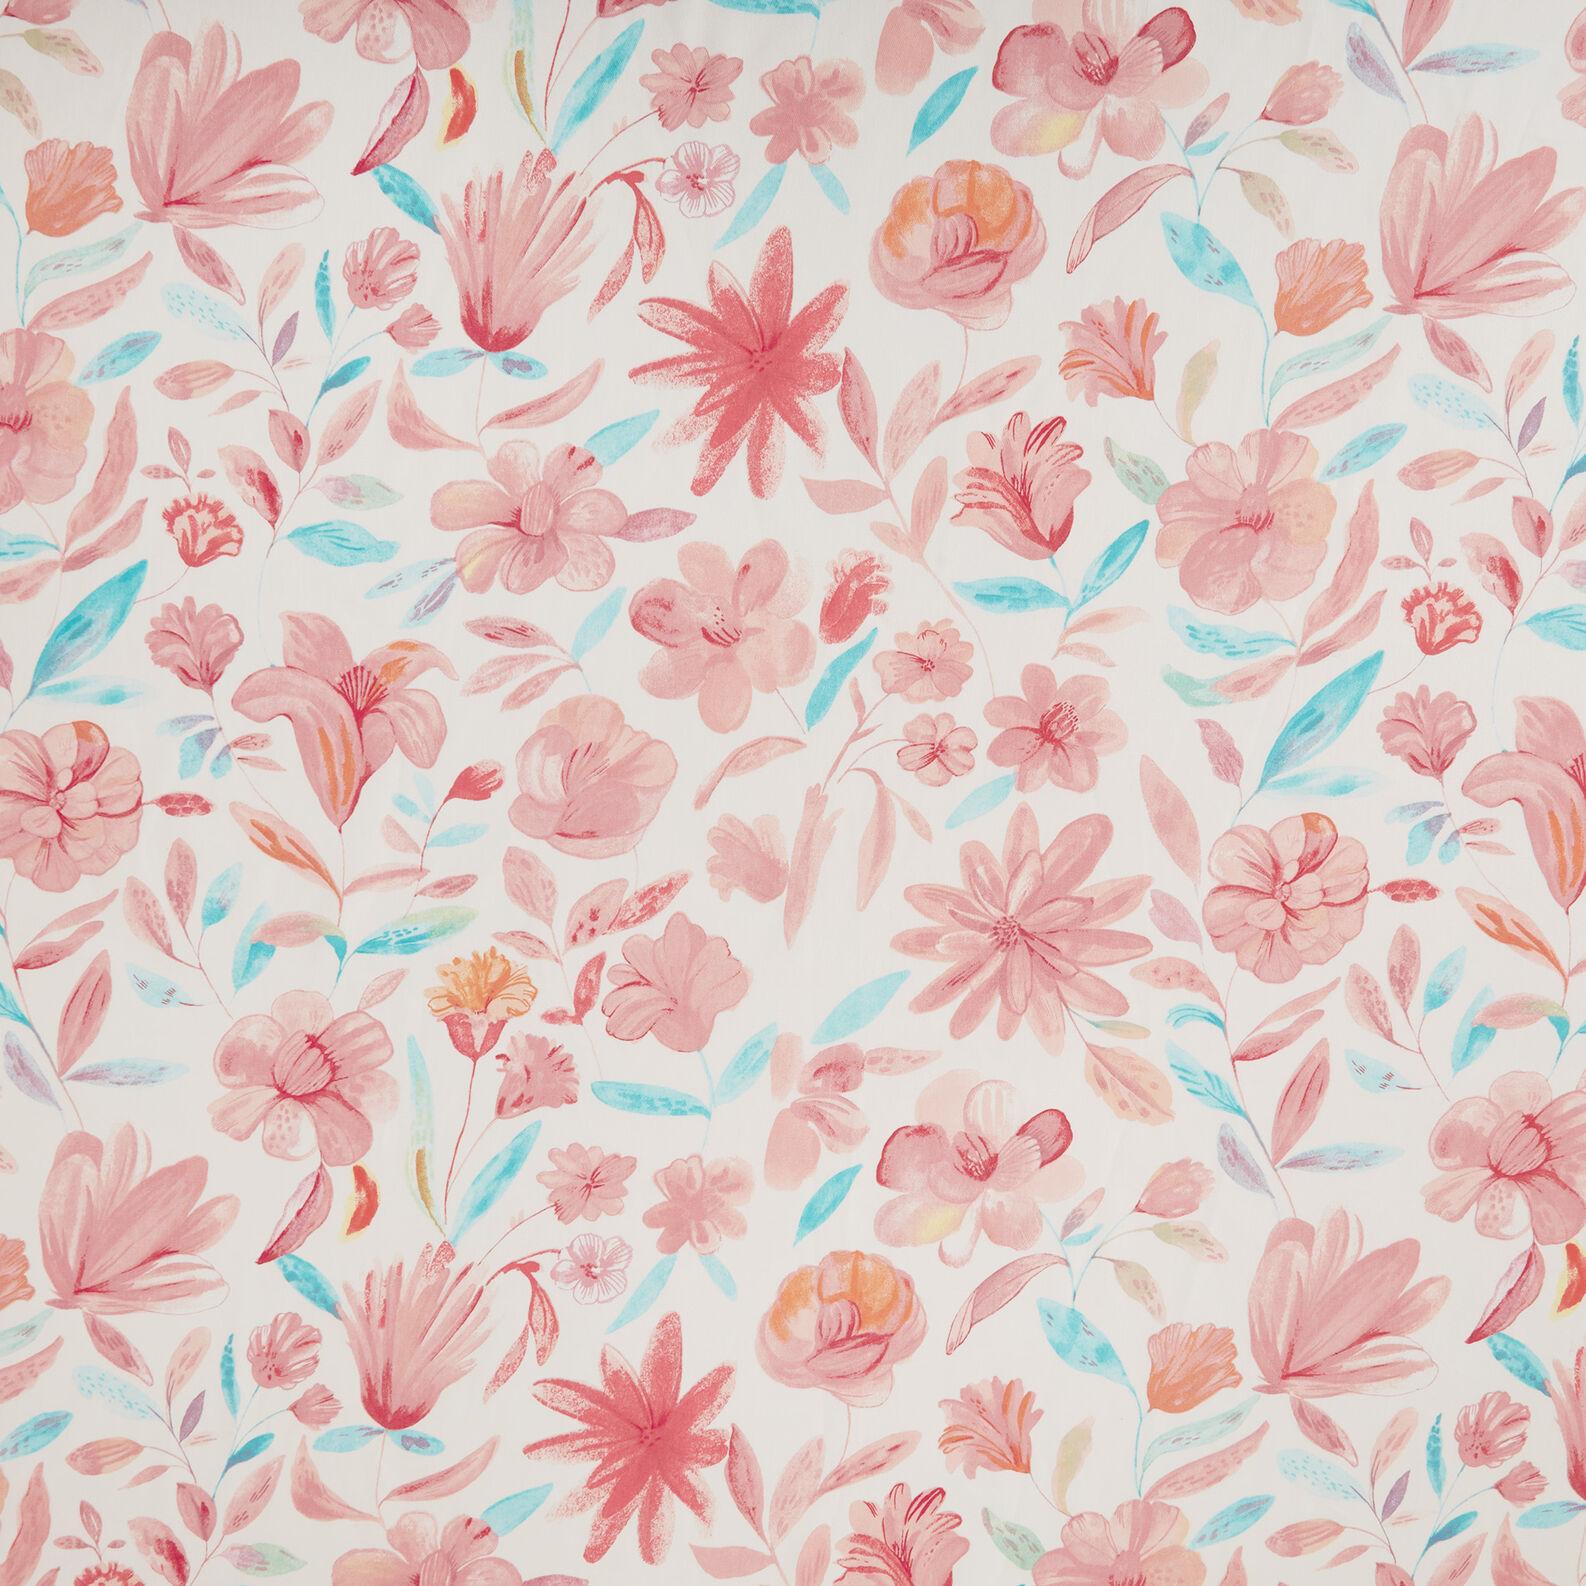 Tovaglia puro cotone stampa floreale